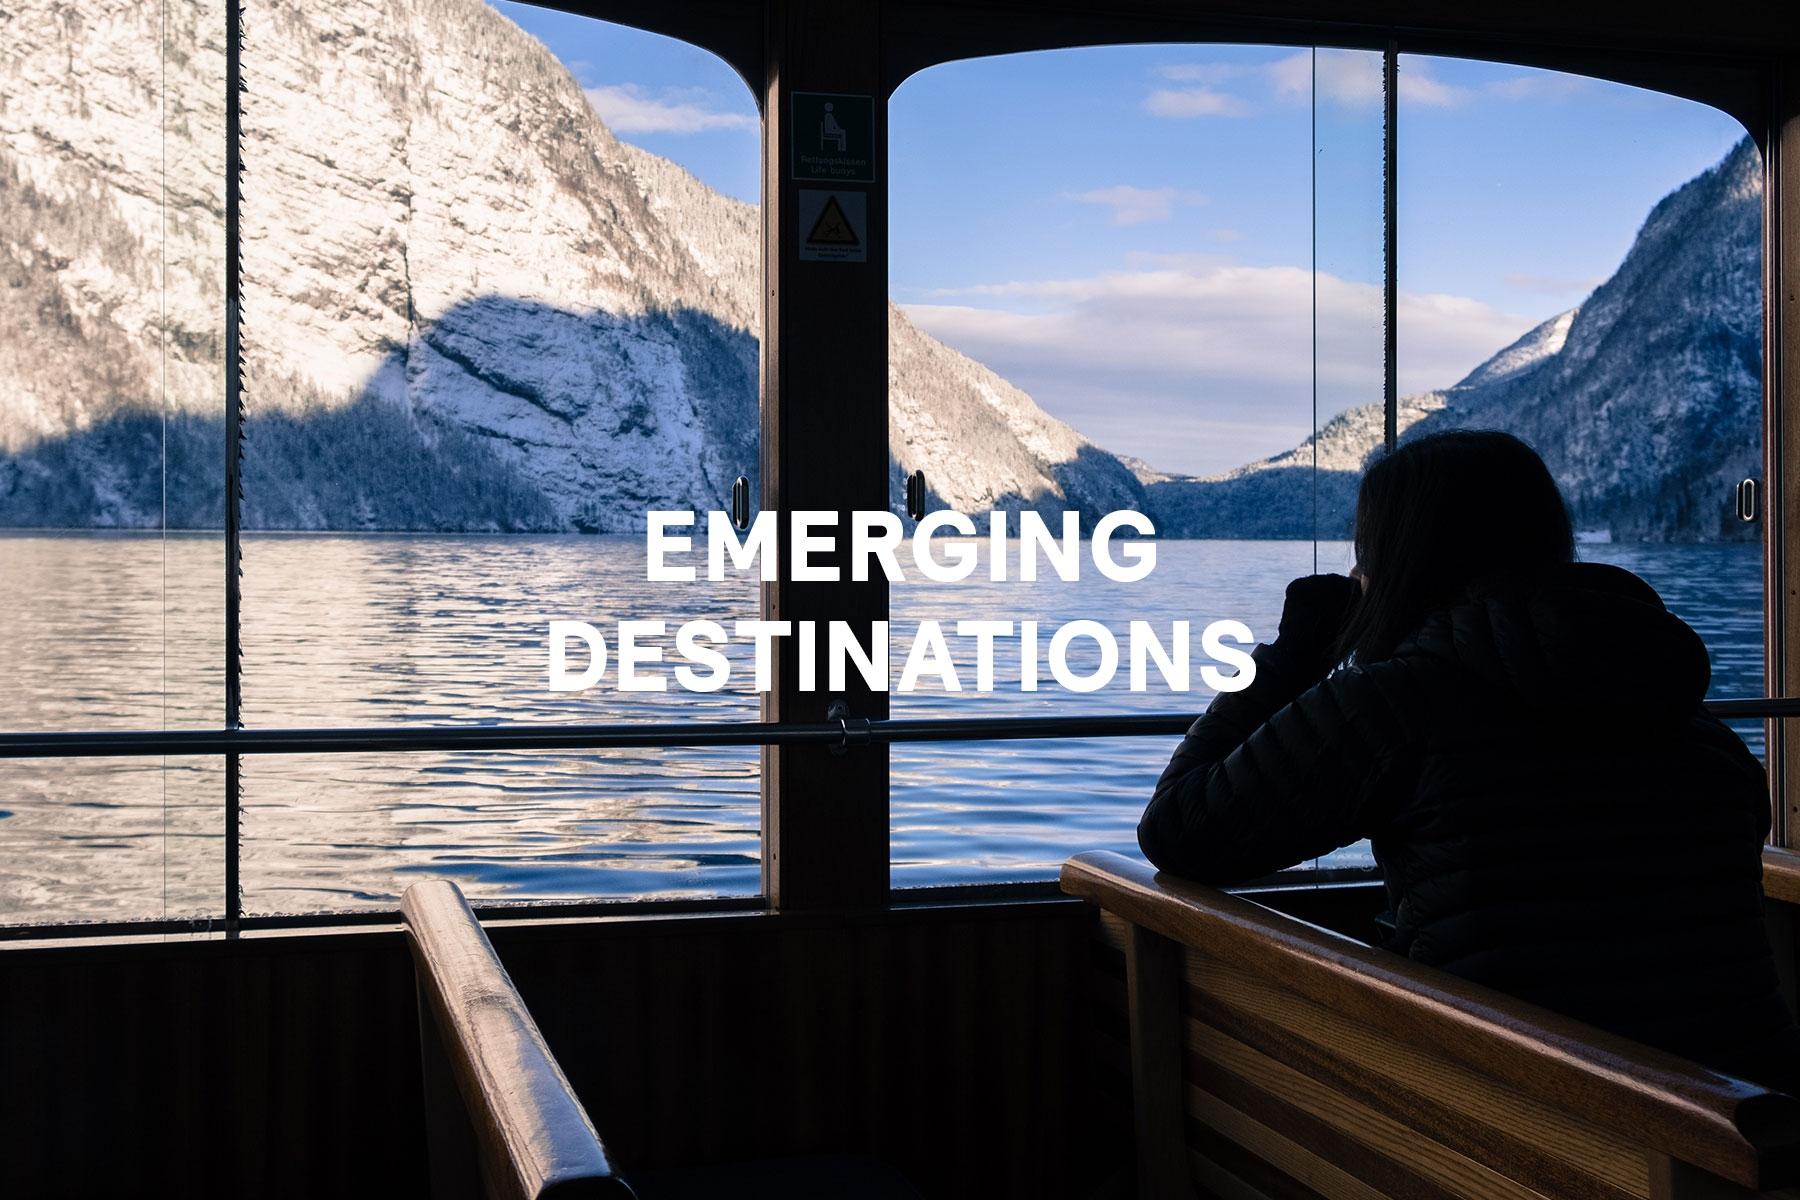 Emerging Destinations